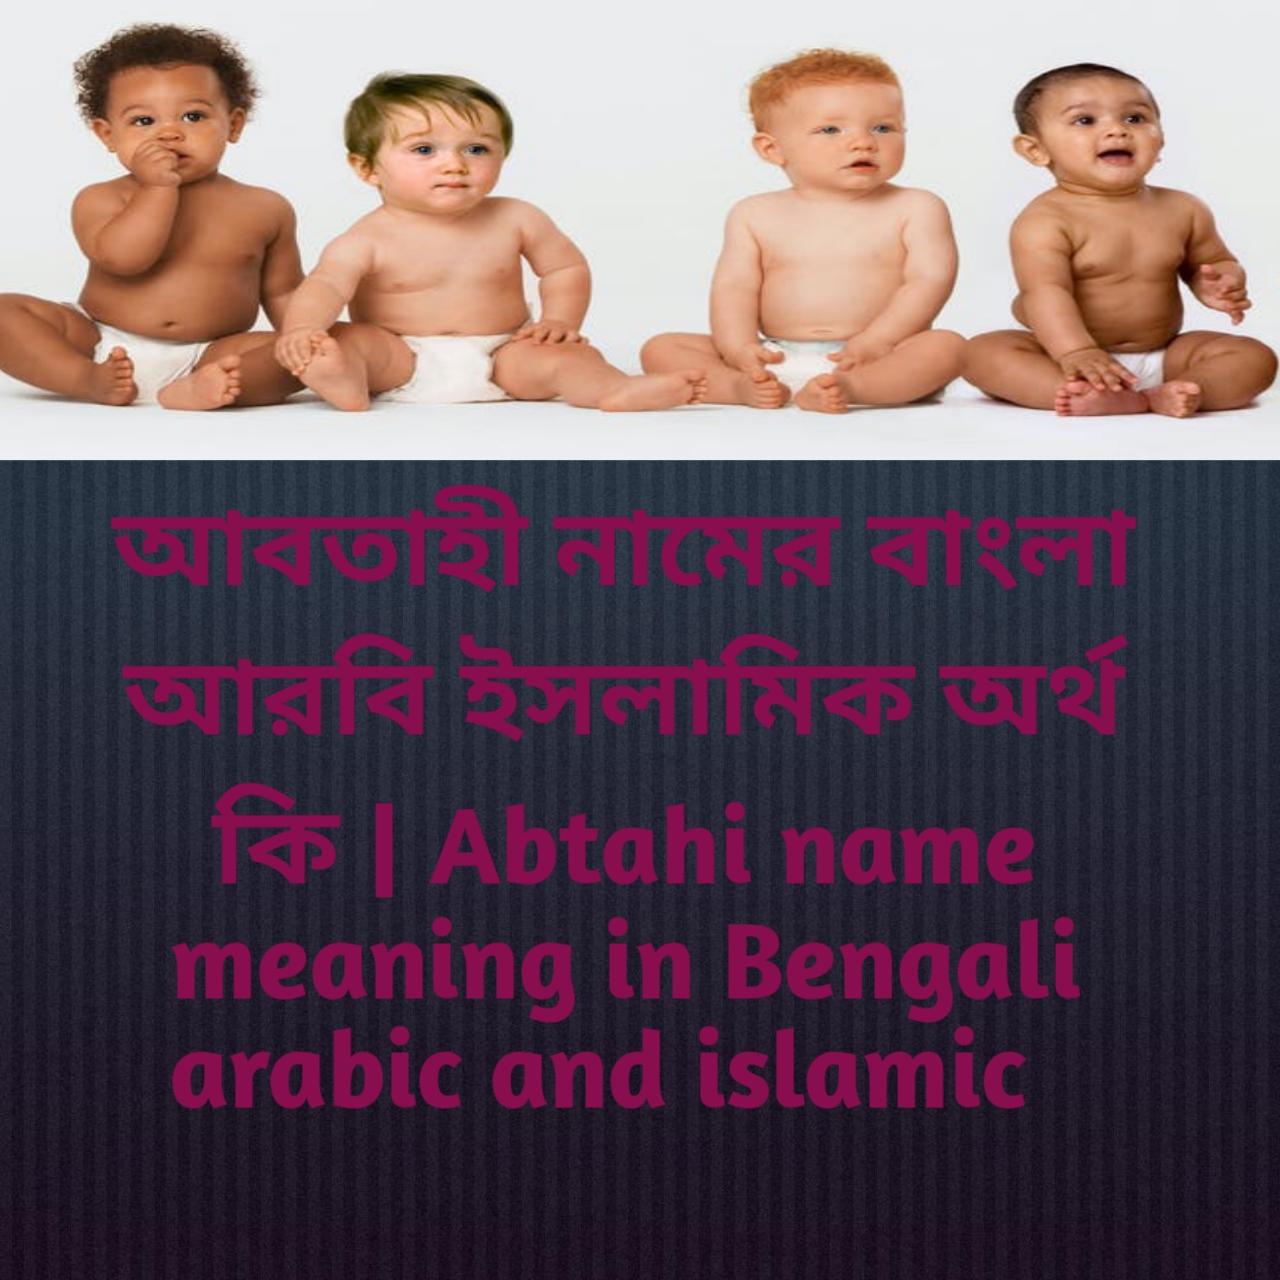 আবতাহী নামের অর্থ কি, আবতাহী নামের বাংলা অর্থ কি, আবতাহী নামের ইসলামিক অর্থ কি, Abtahi name meaning in Bengali, আবতাহী কি ইসলামিক নাম,